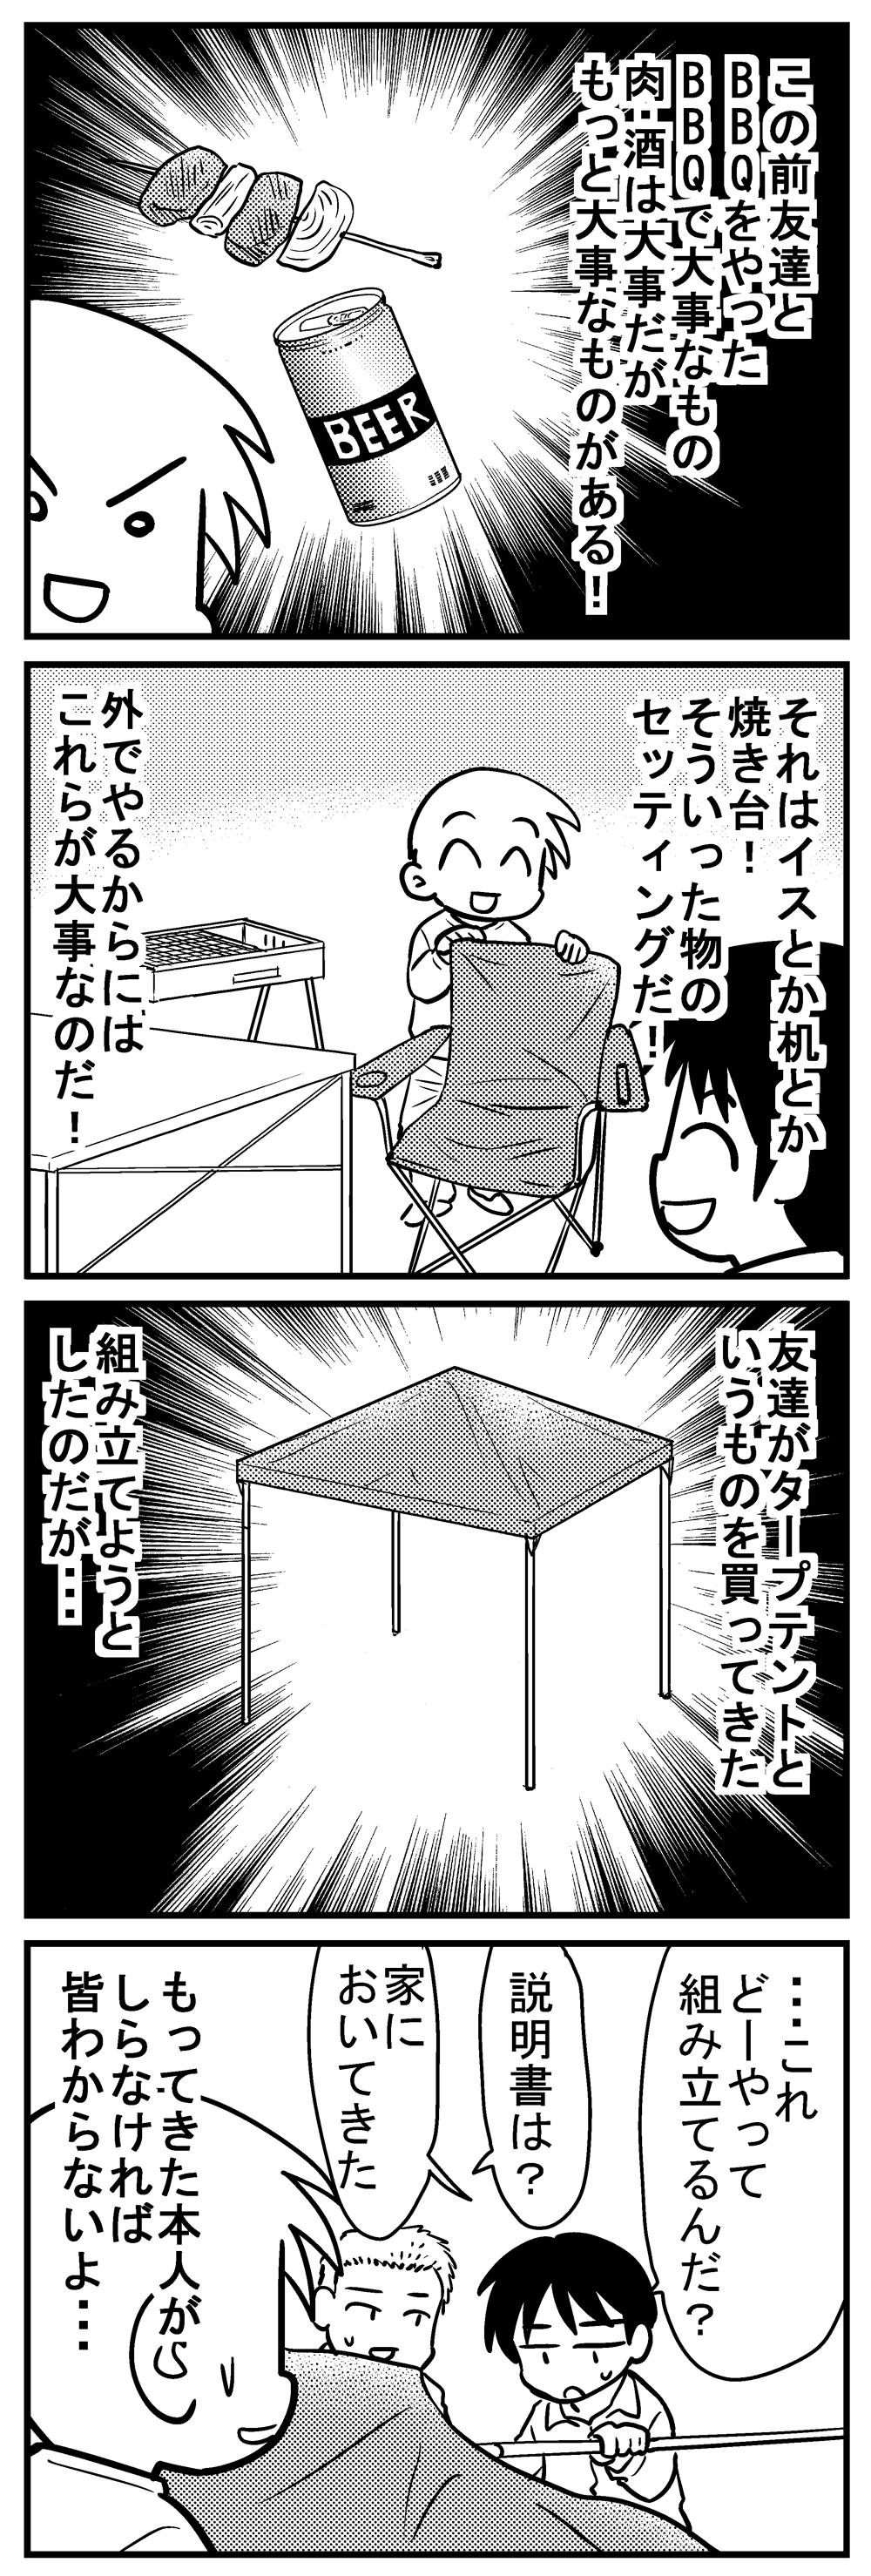 深読みくん140-1